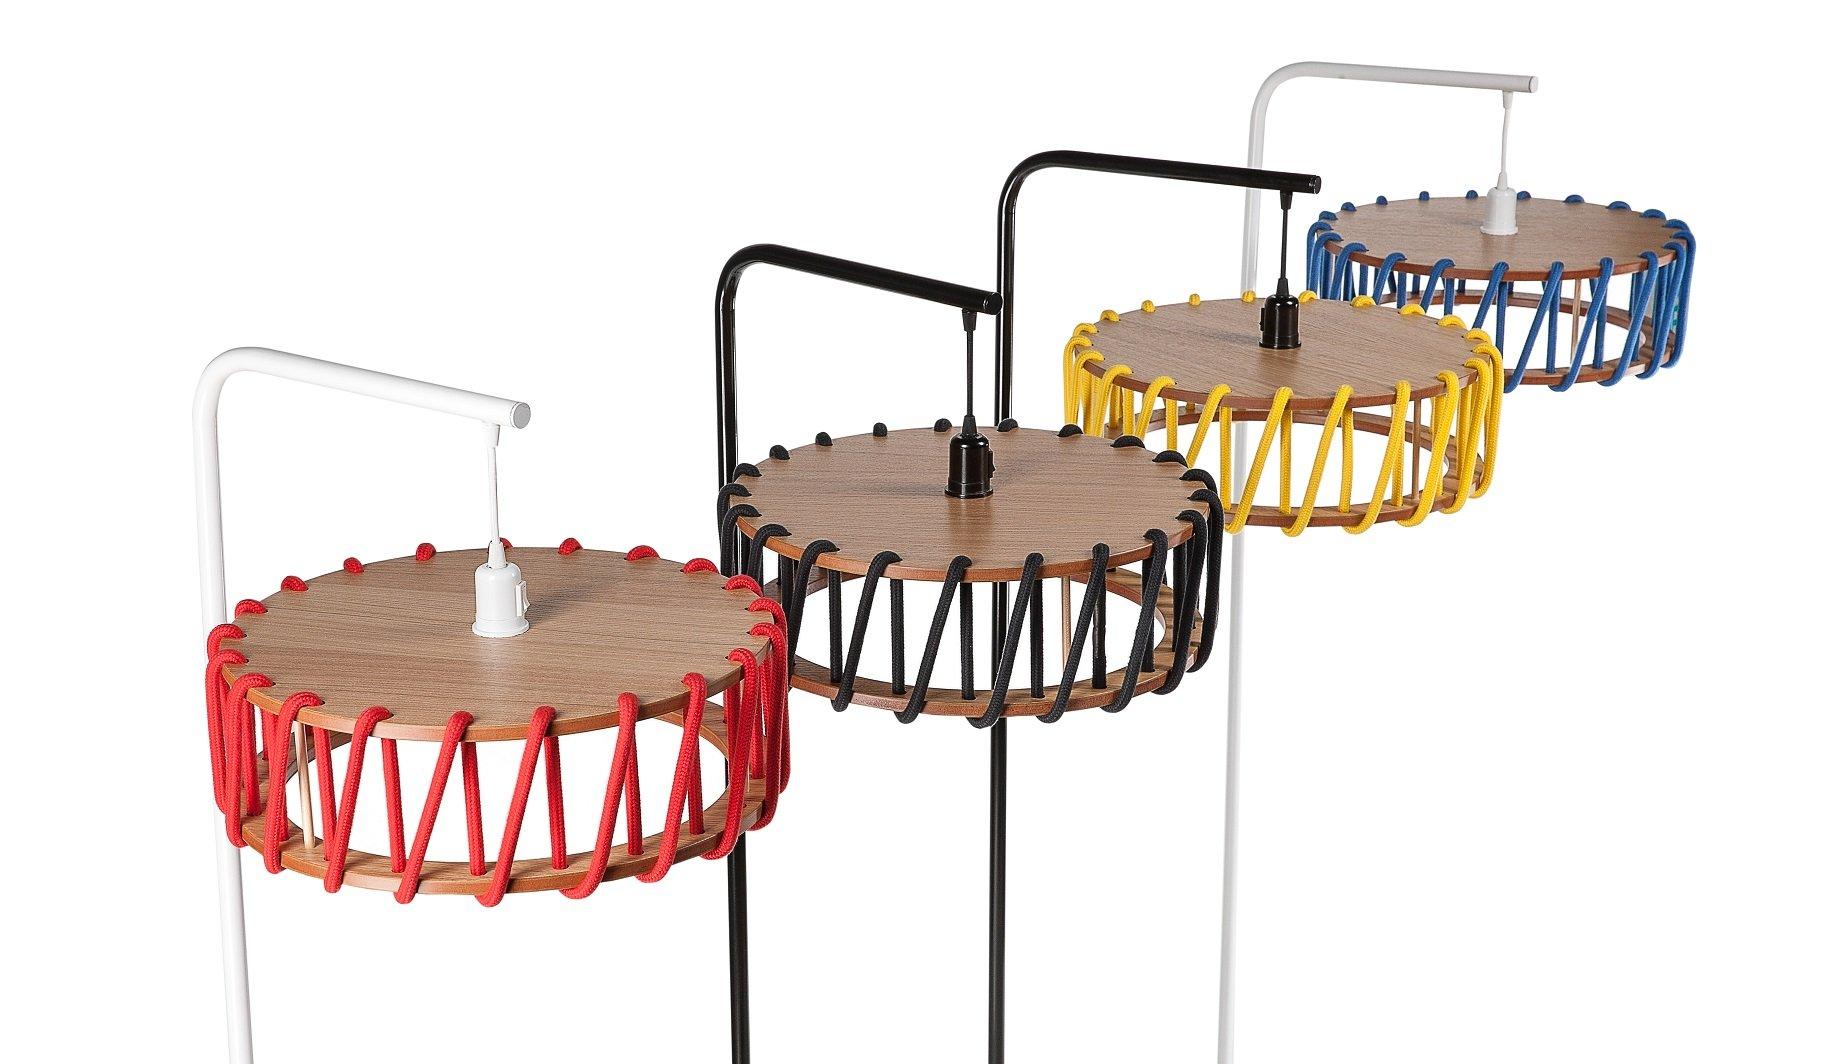 schwarze macaron stehlampe mit kleinem roten schirm von silvia ce al f r emko bei pamono kaufen. Black Bedroom Furniture Sets. Home Design Ideas